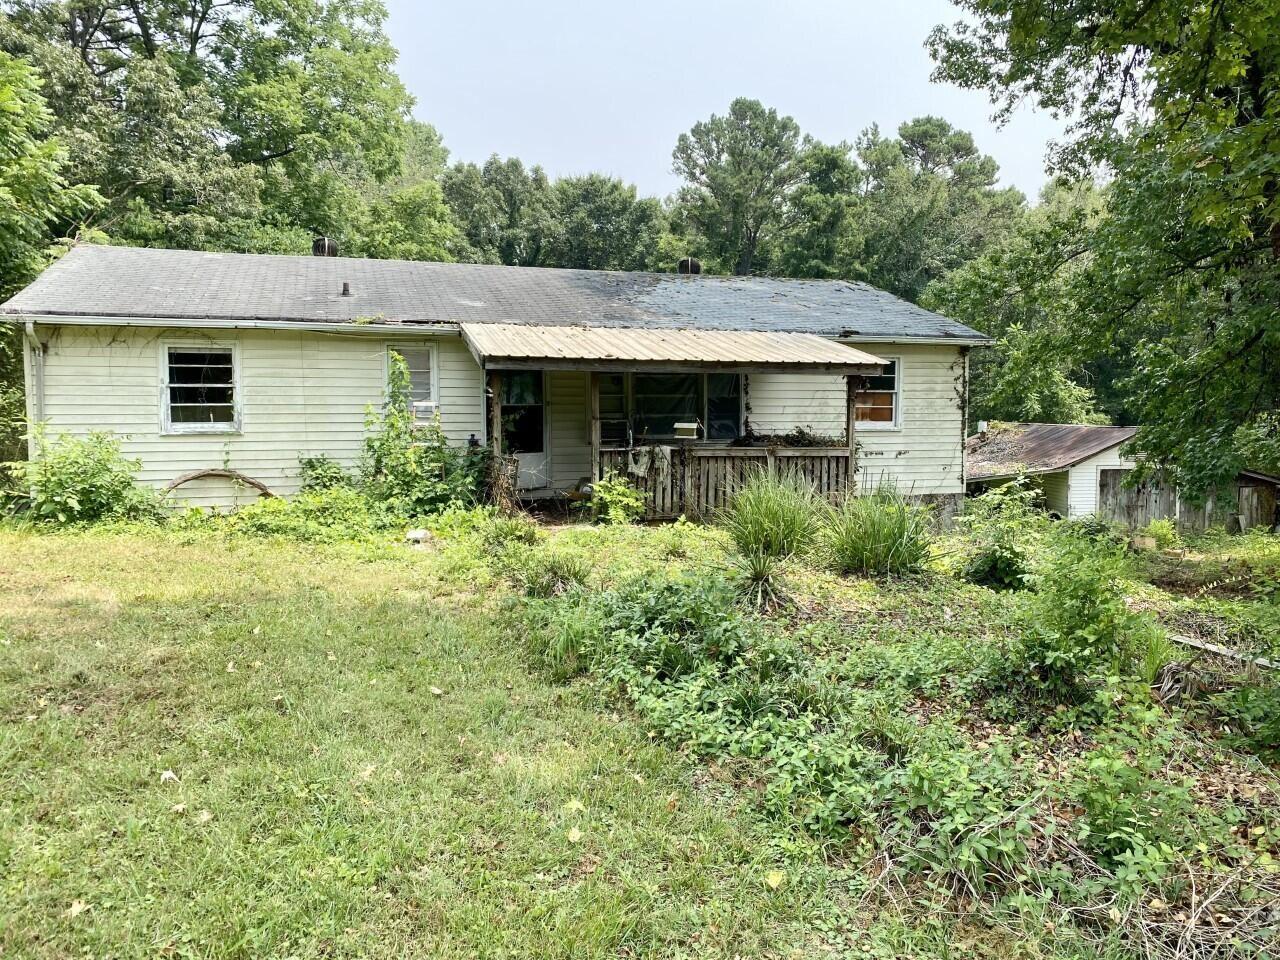 Photo of 8204 Burchfield Drive, Oak Ridge, TN 37830 (MLS # 1162357)